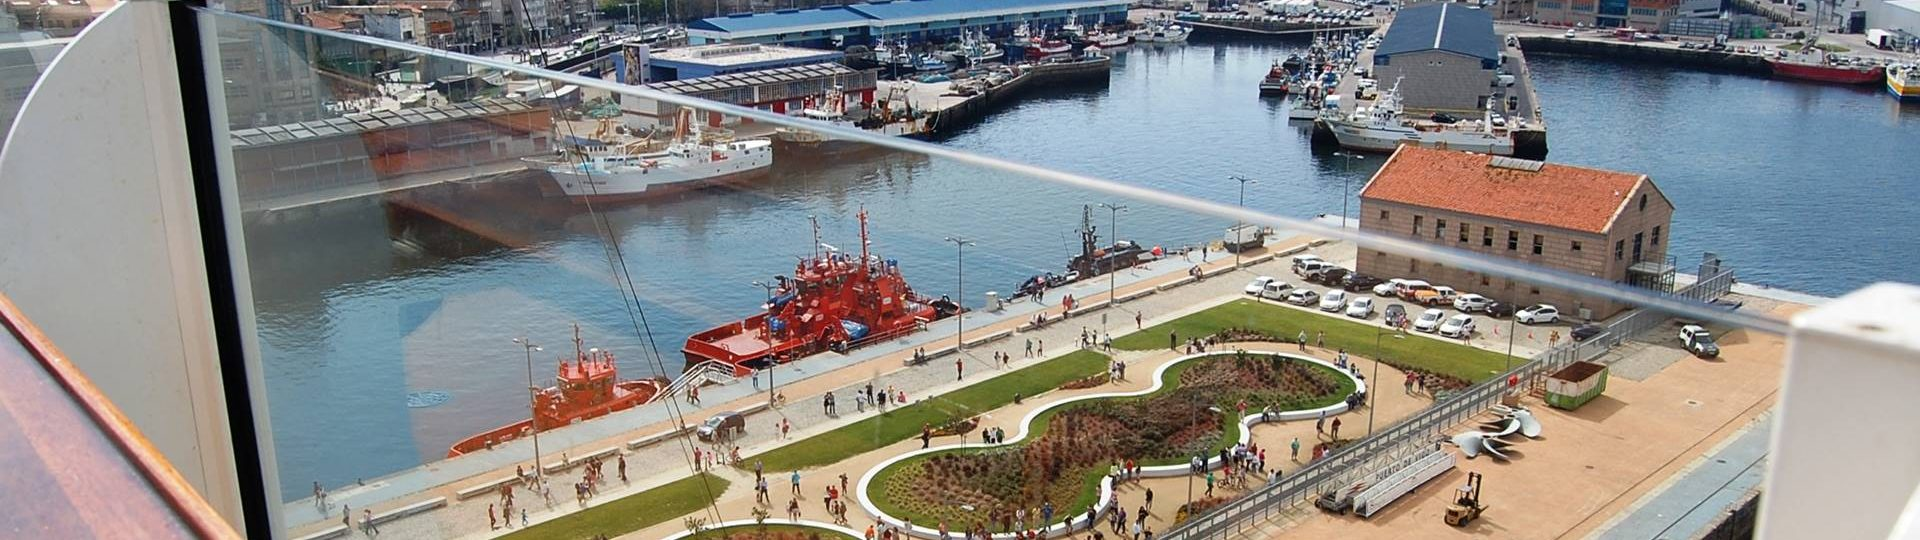 vista-jardines-puerto-de-vigo-desde-oasis-of-the-seas